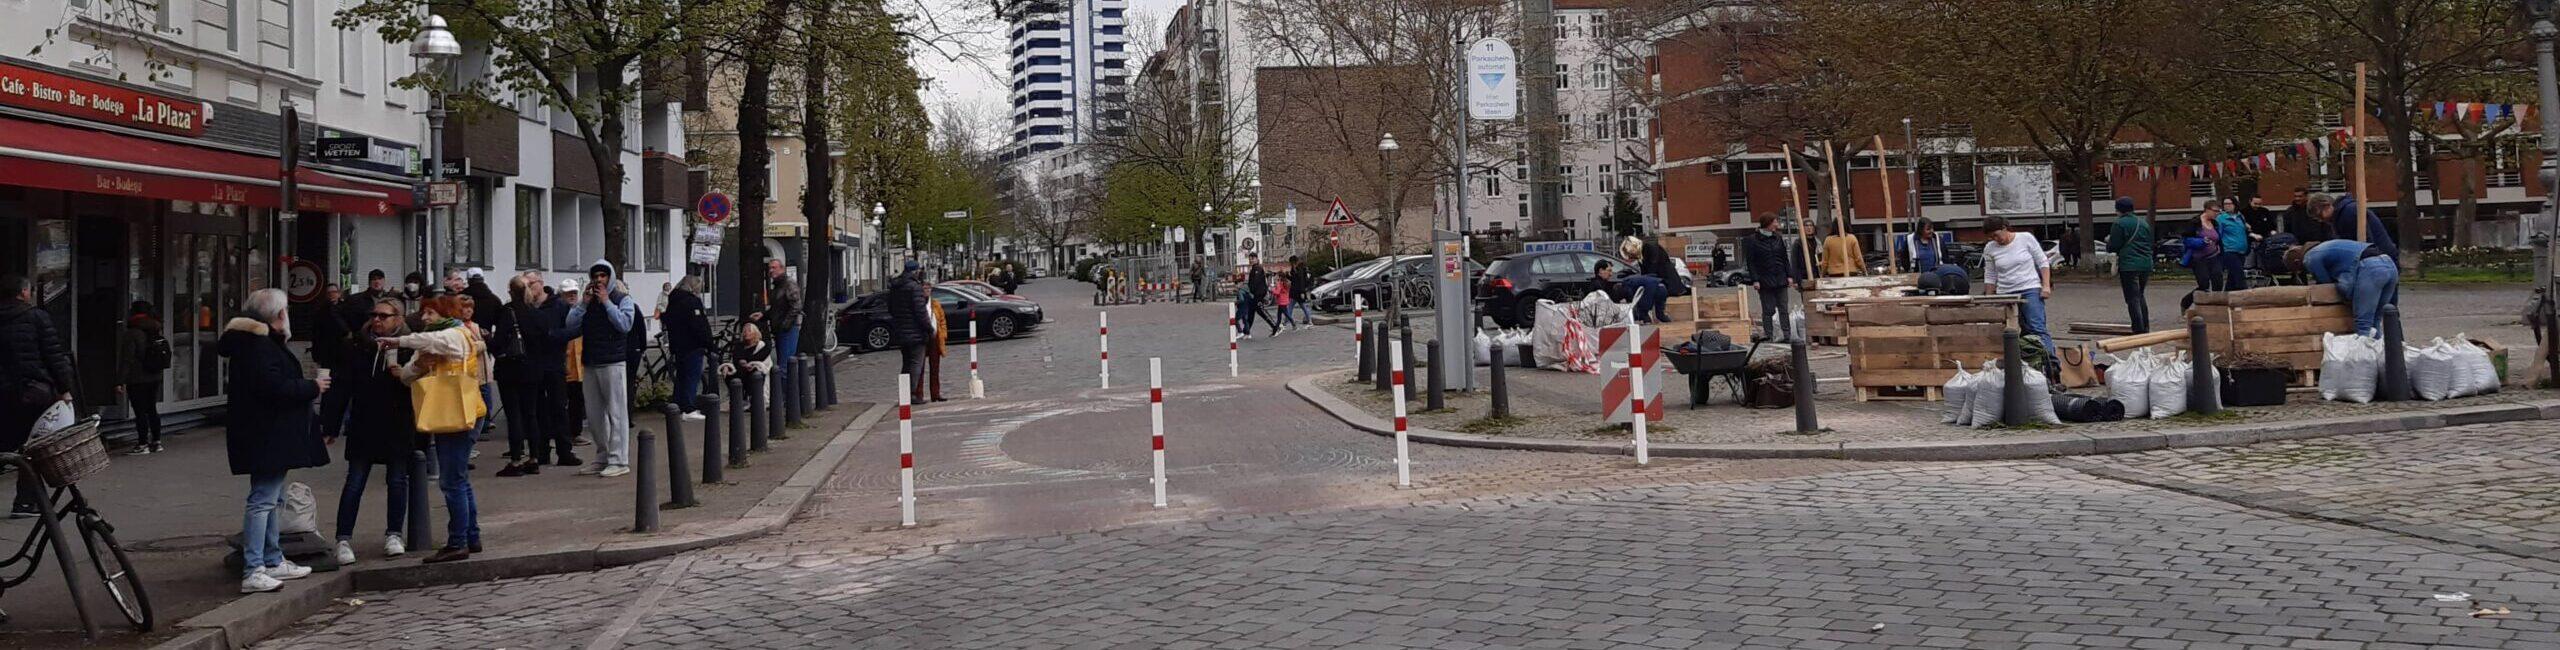 Leute vor der Fußgängervorstreckung an der Krumme Straße 38/39, 10627 Berlin.